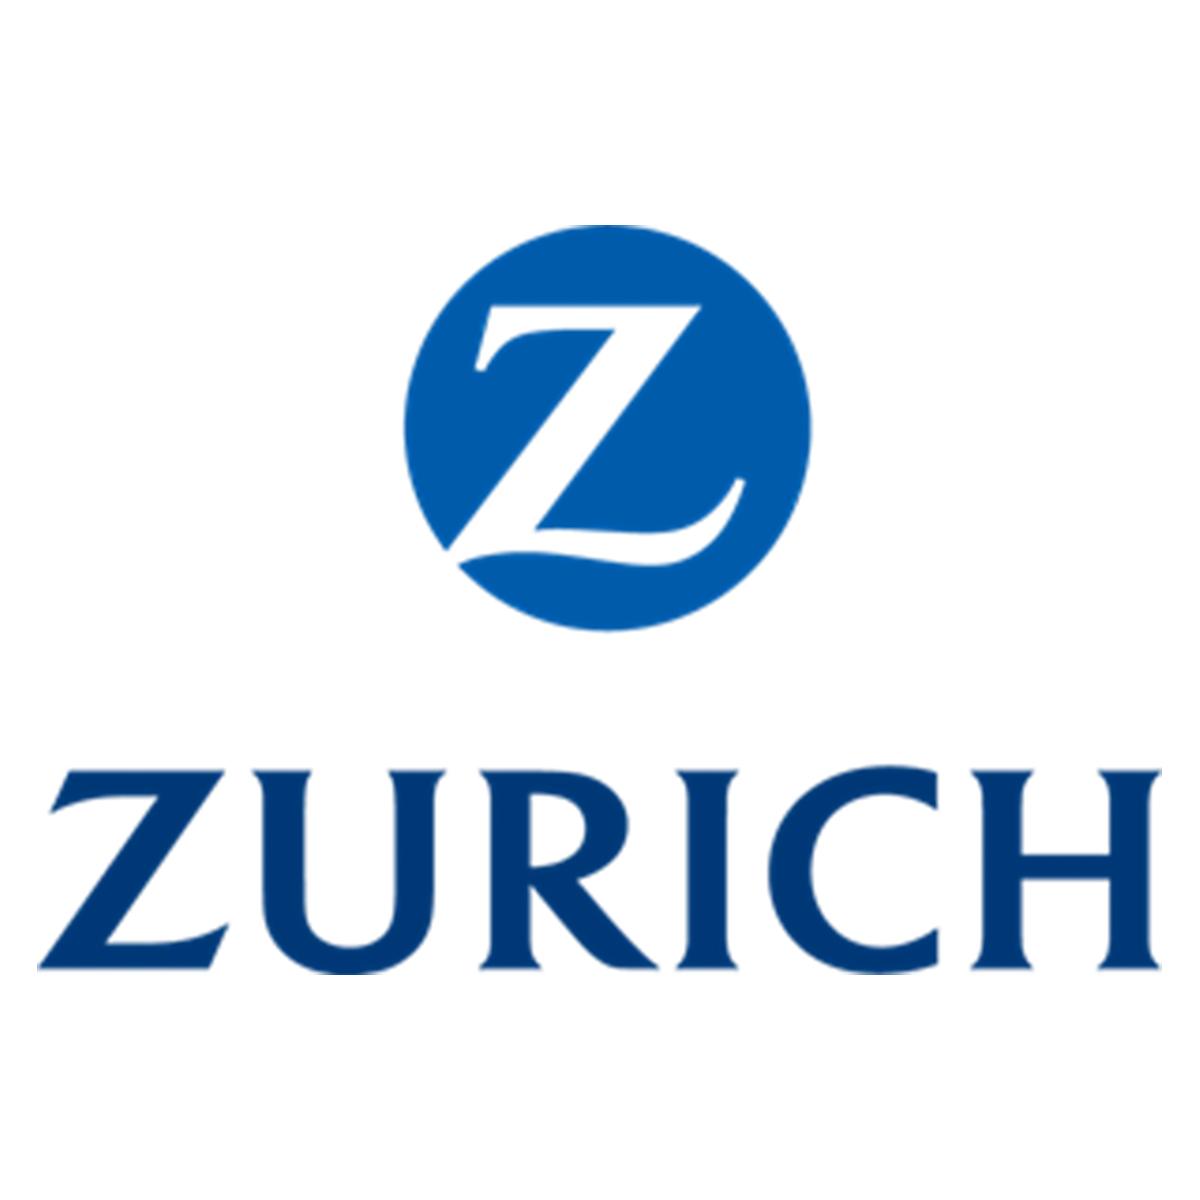 A-Zurich.jpg